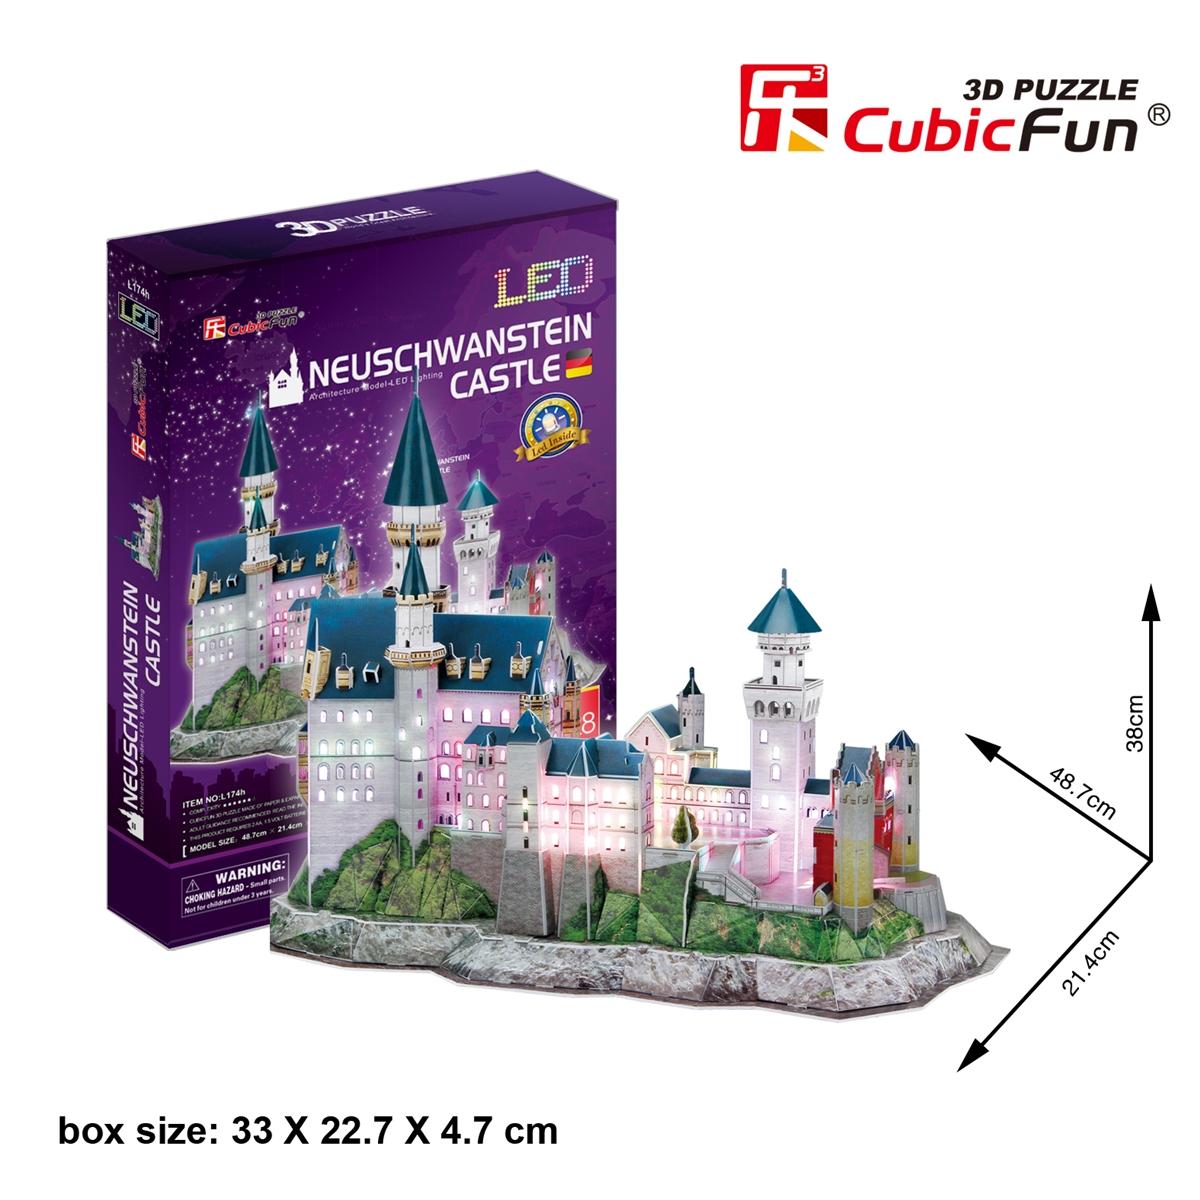 Neuschwanstein Castle ปราสาทนอยชวานชไตน์ Total 128 Pieces Size 21.4*48.7*38 cm. (LED)